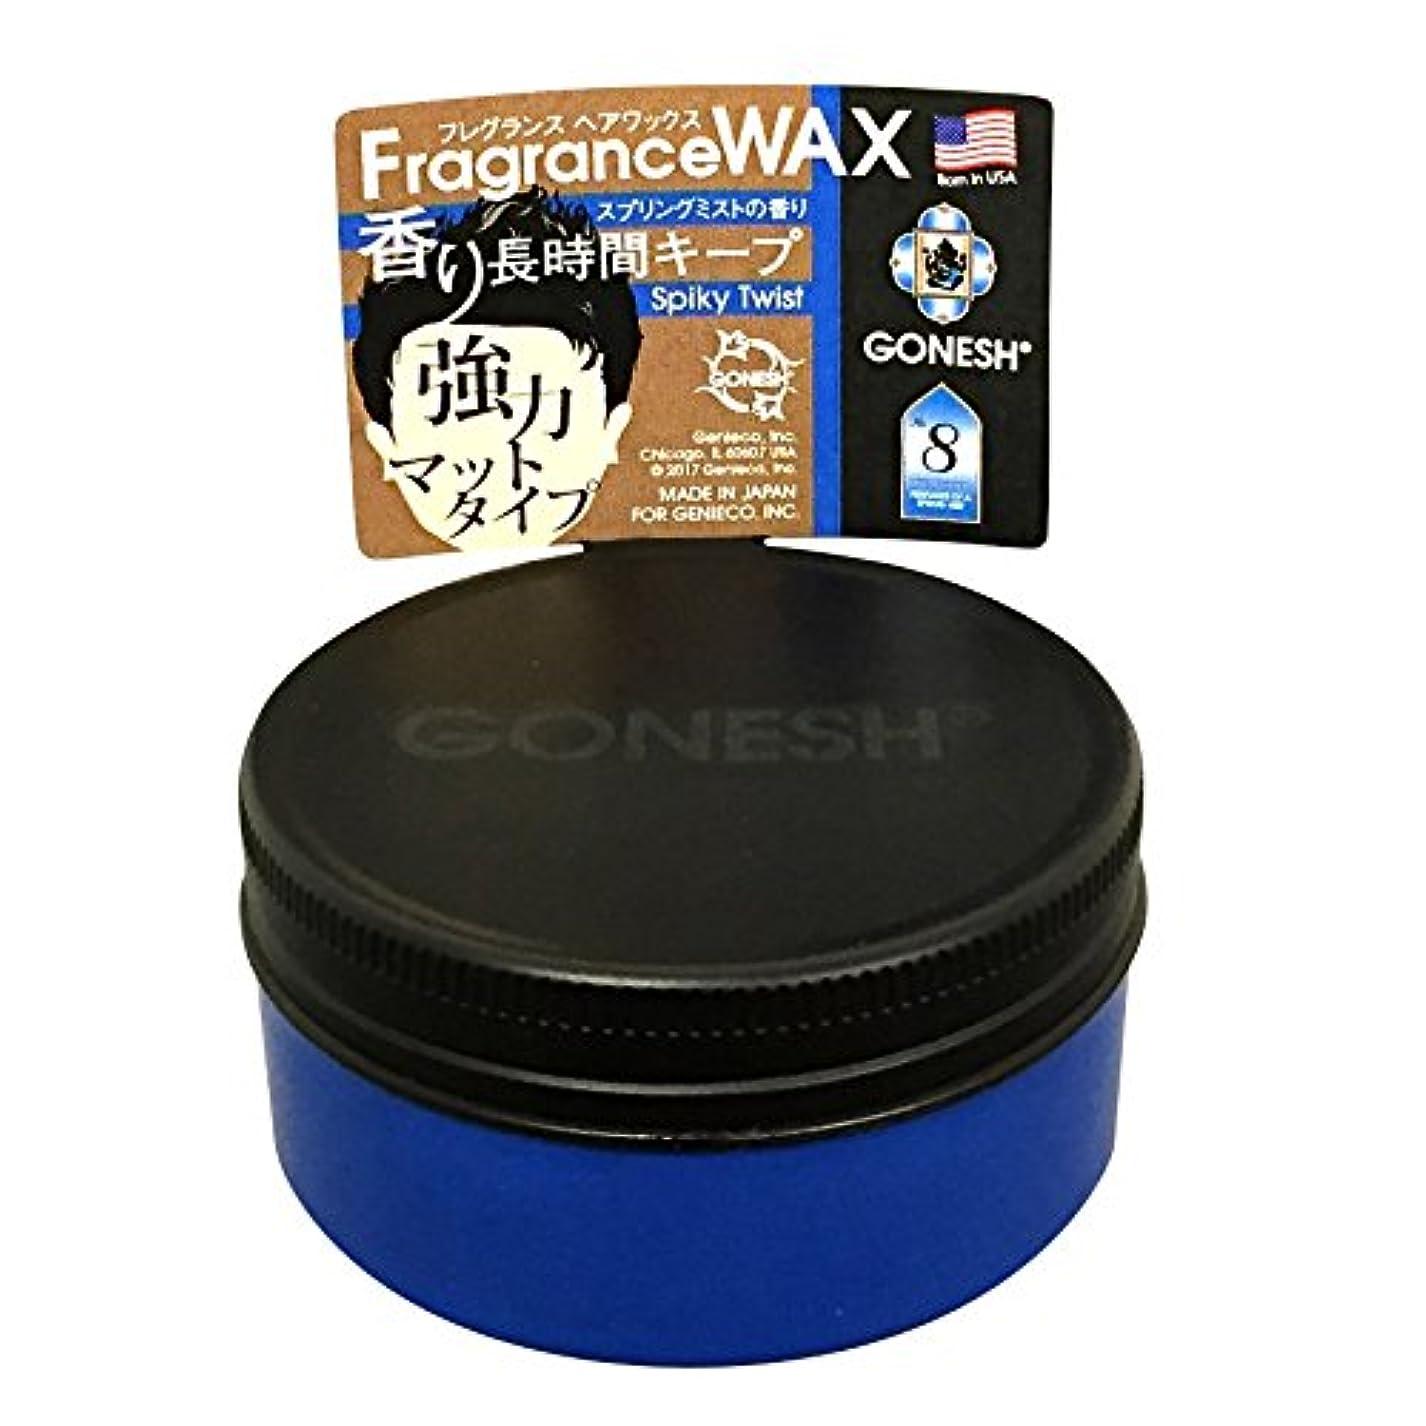 頭コンパクト破産GONESH フレグランスヘアワックス(スタイリング剤) NO.8 強力マットタイプ 60g